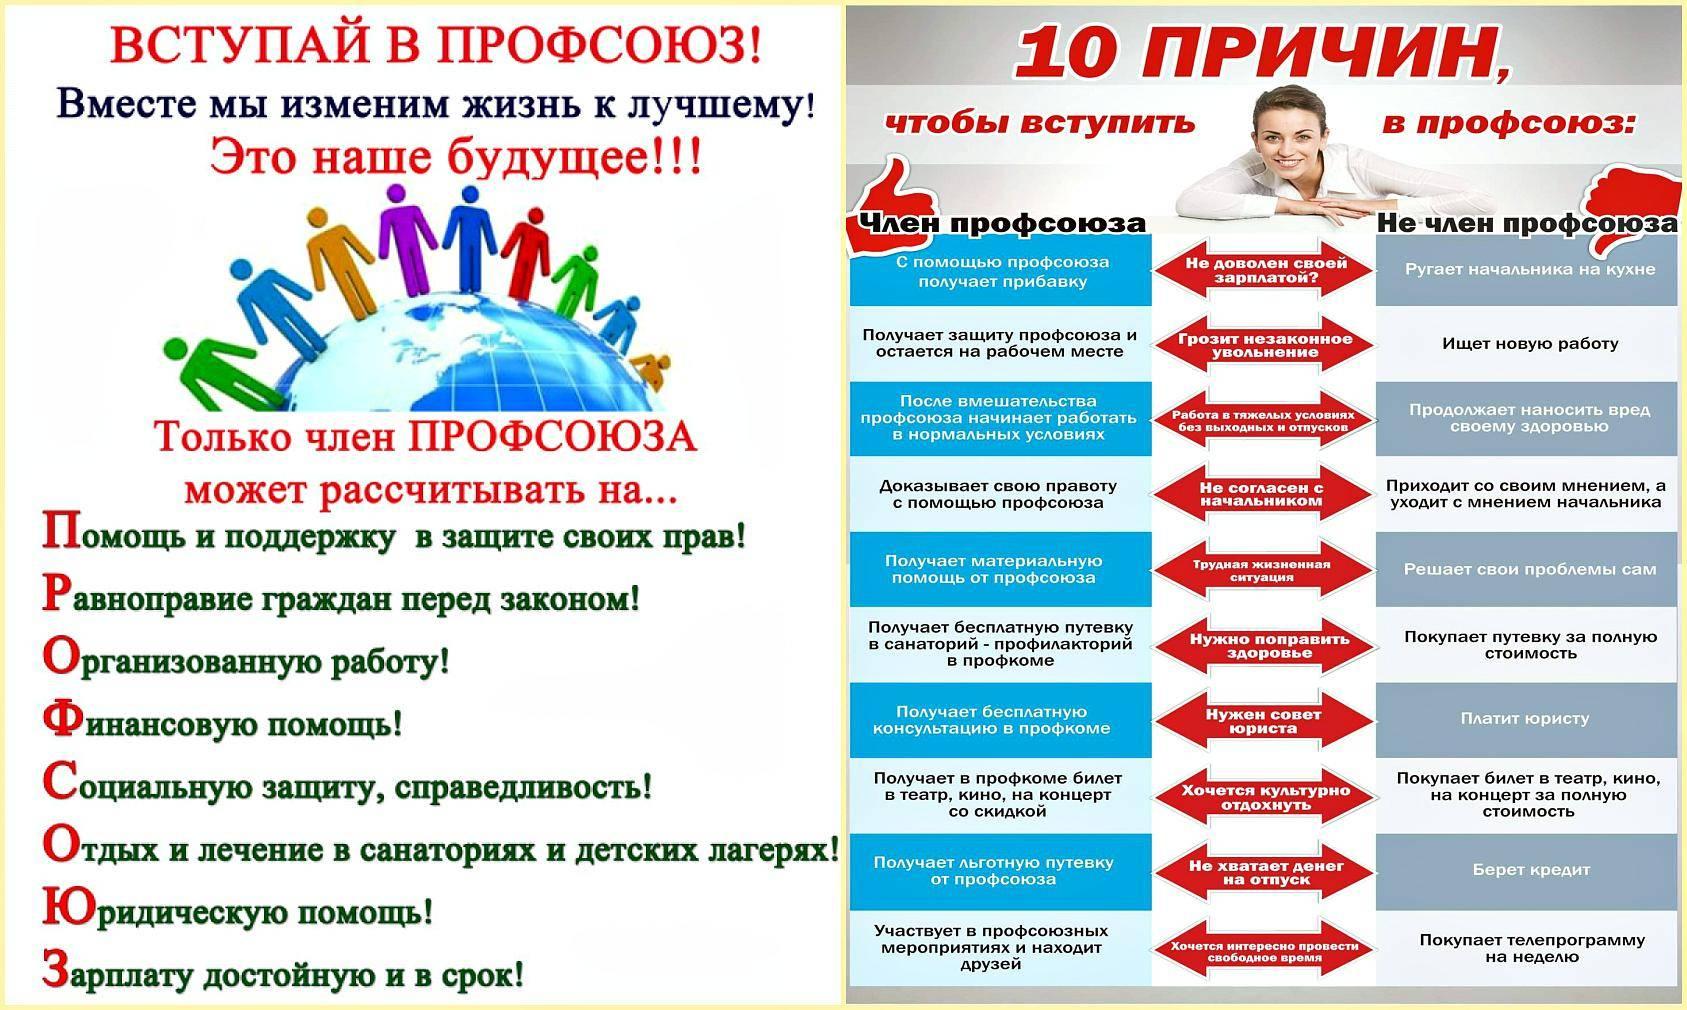 Как гражданину турции поступить в российский вуз — новости в сфере российского образования